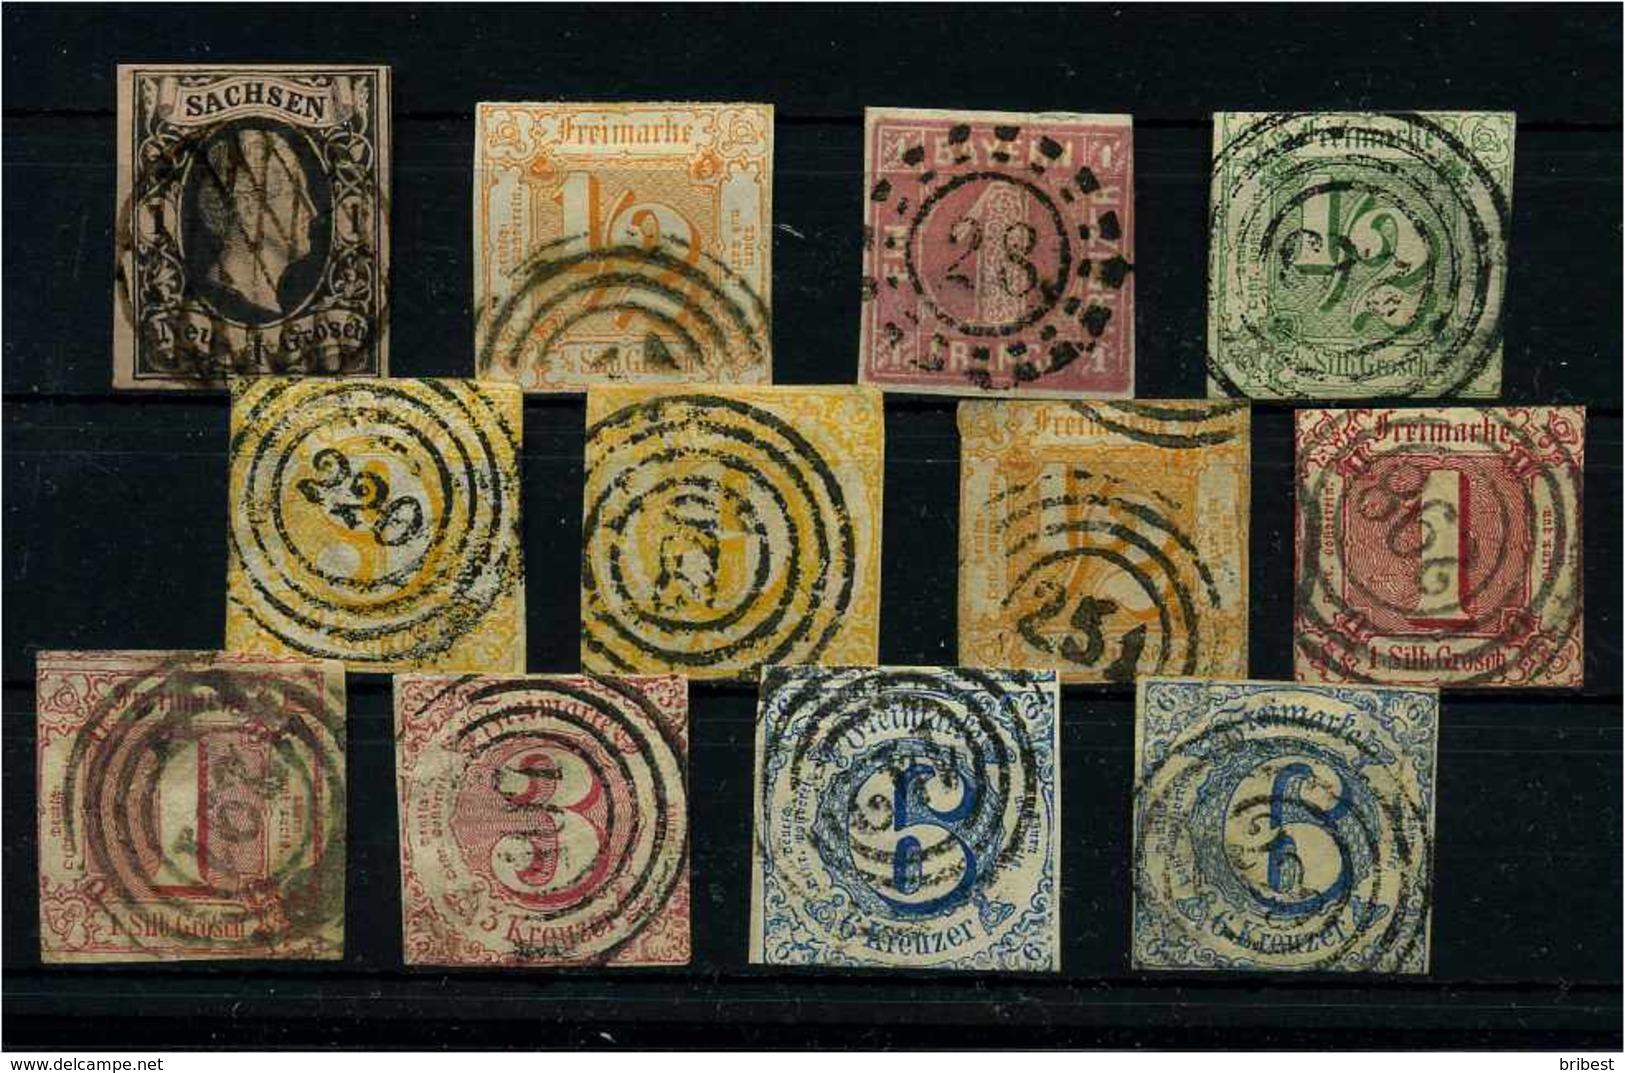 ALTDEUTSCHLAND Lot Gestempelt (111298) - Sammlungen